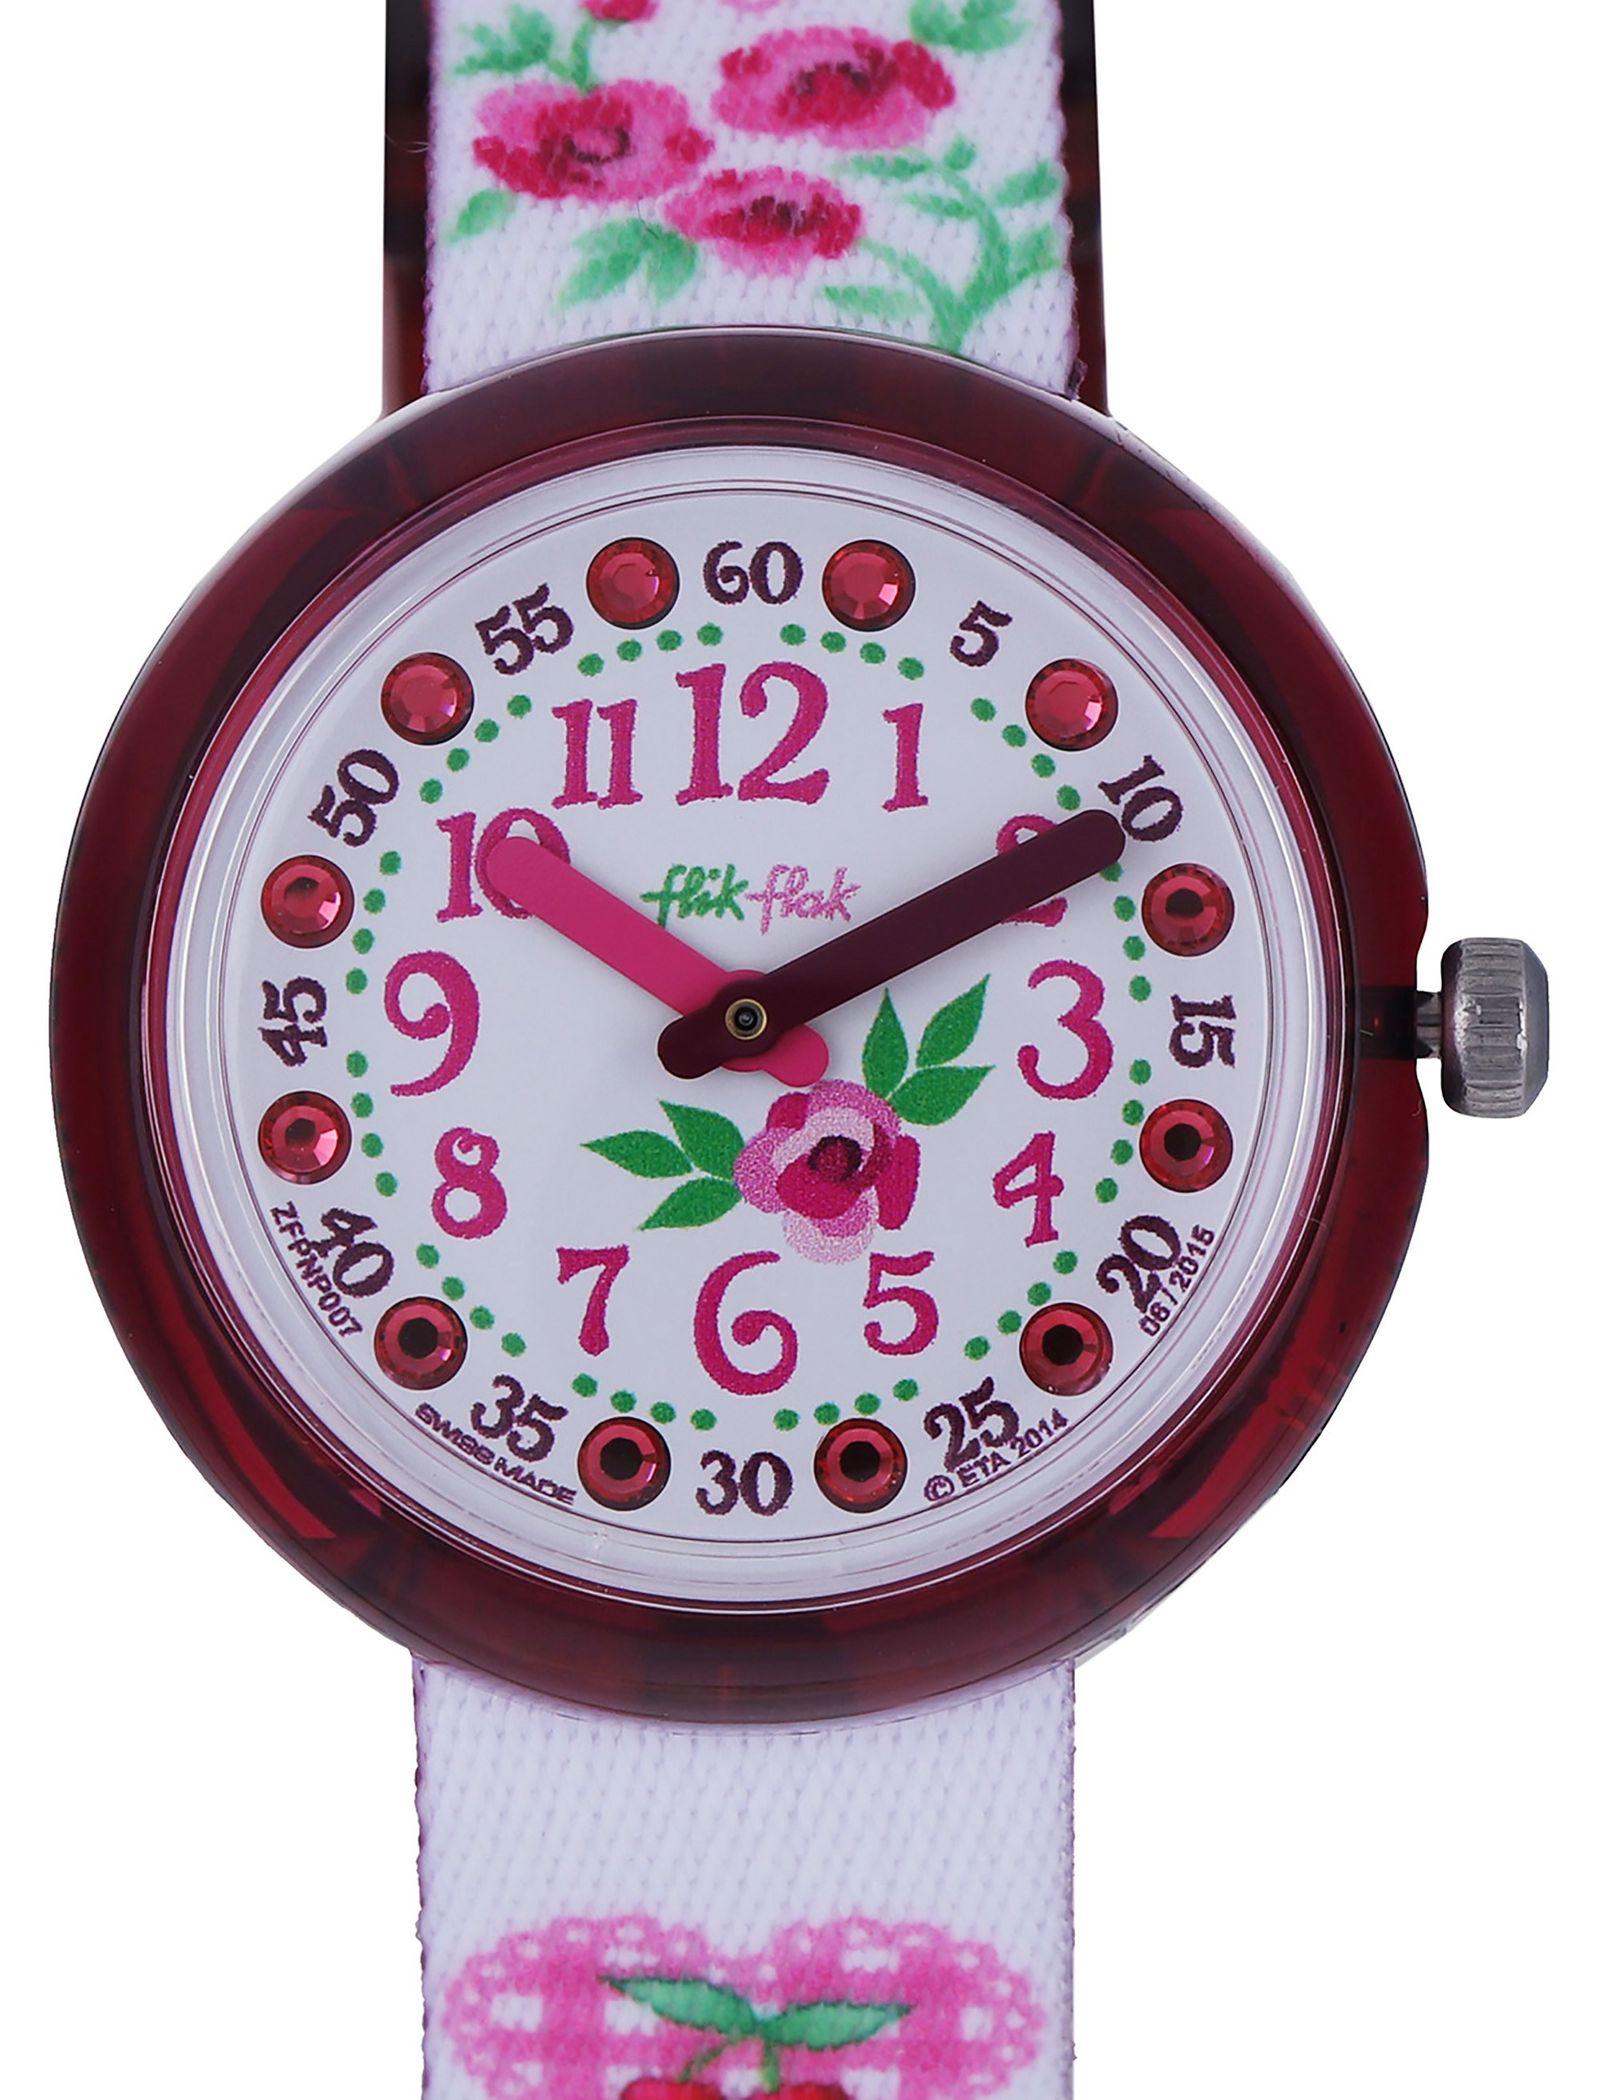 ساعت مچی عقربه ای بچگانه - فلیک فلاک - سفيد و صورتي - 2